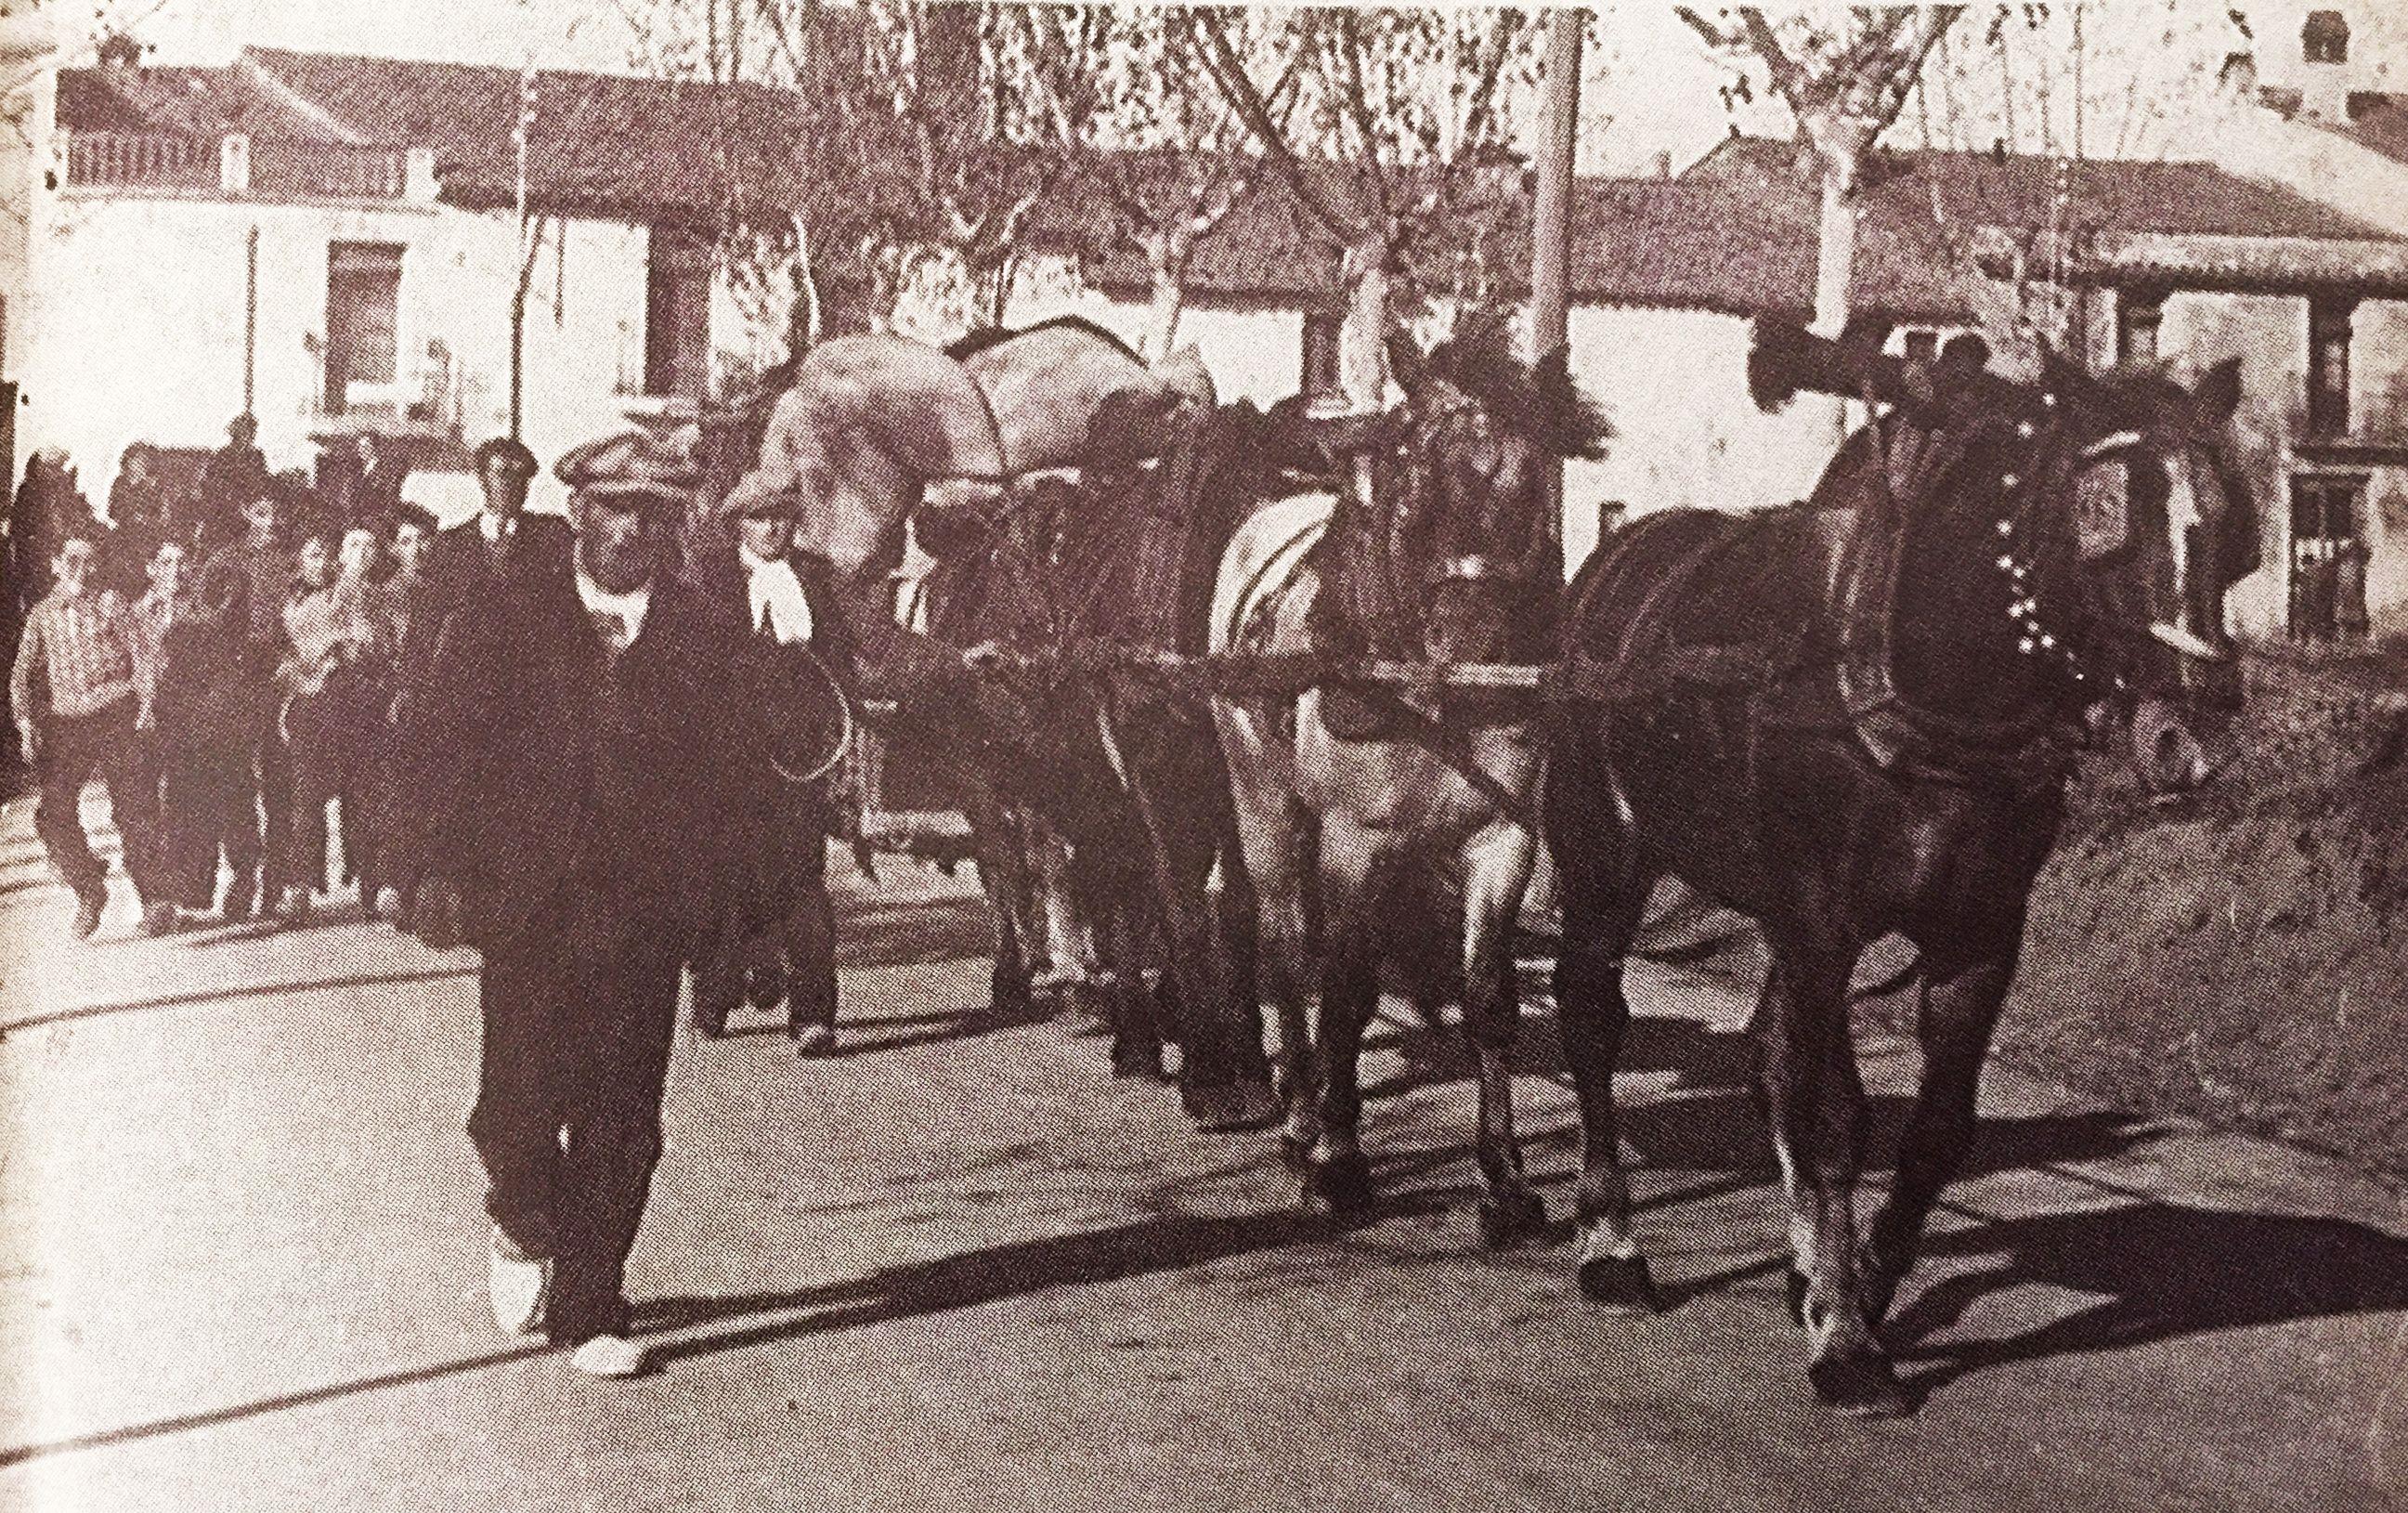 Els Tres Tombs a l'avinguda Flor de Maig, als anys 40 (Imatge publicada al TOT Cerdanyola, 347). FOTO: Cedida per la família Segarra